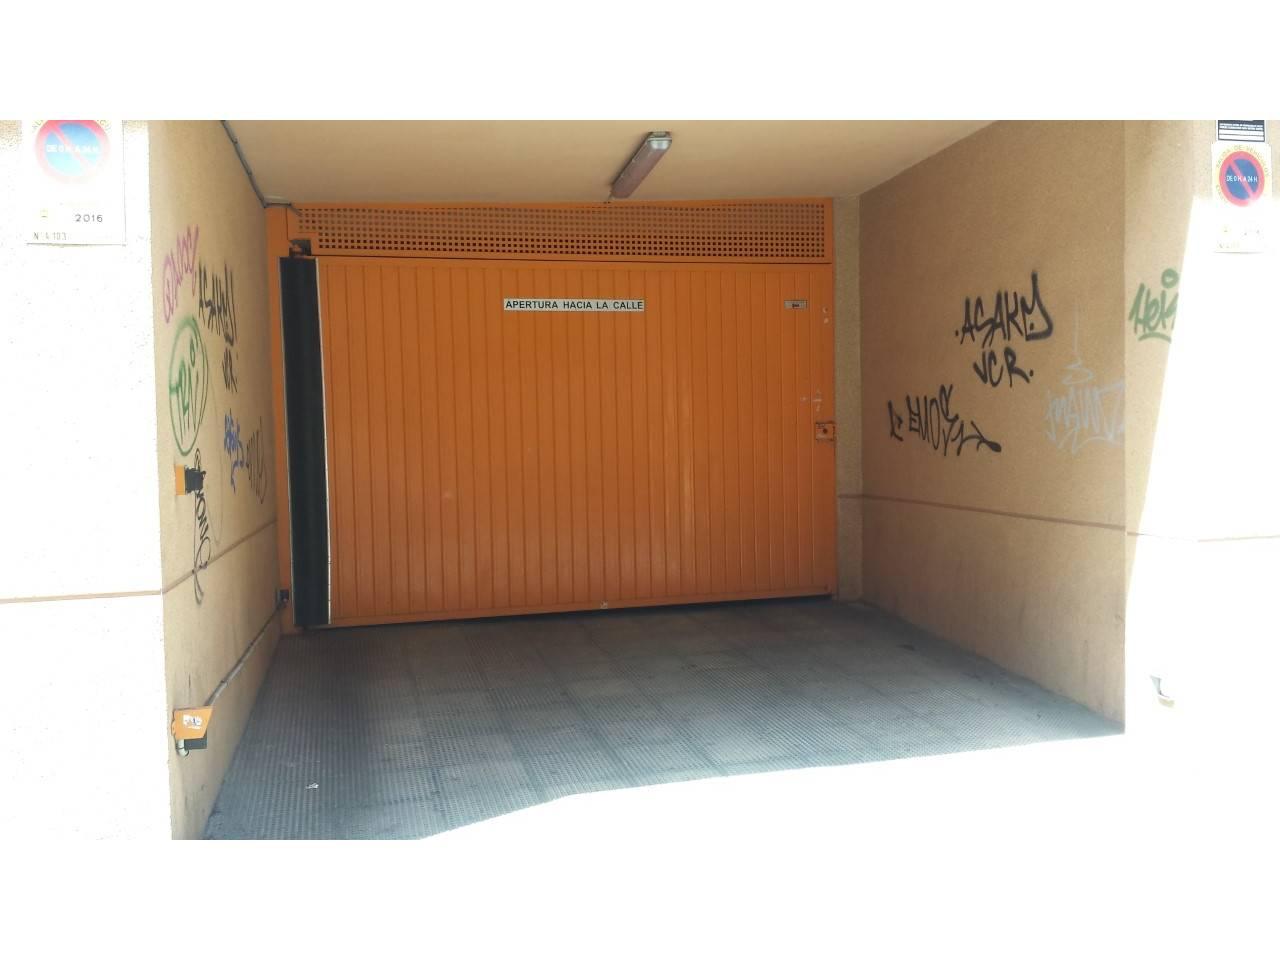 Venta de garaje en mercado alicante for Compra de garaje